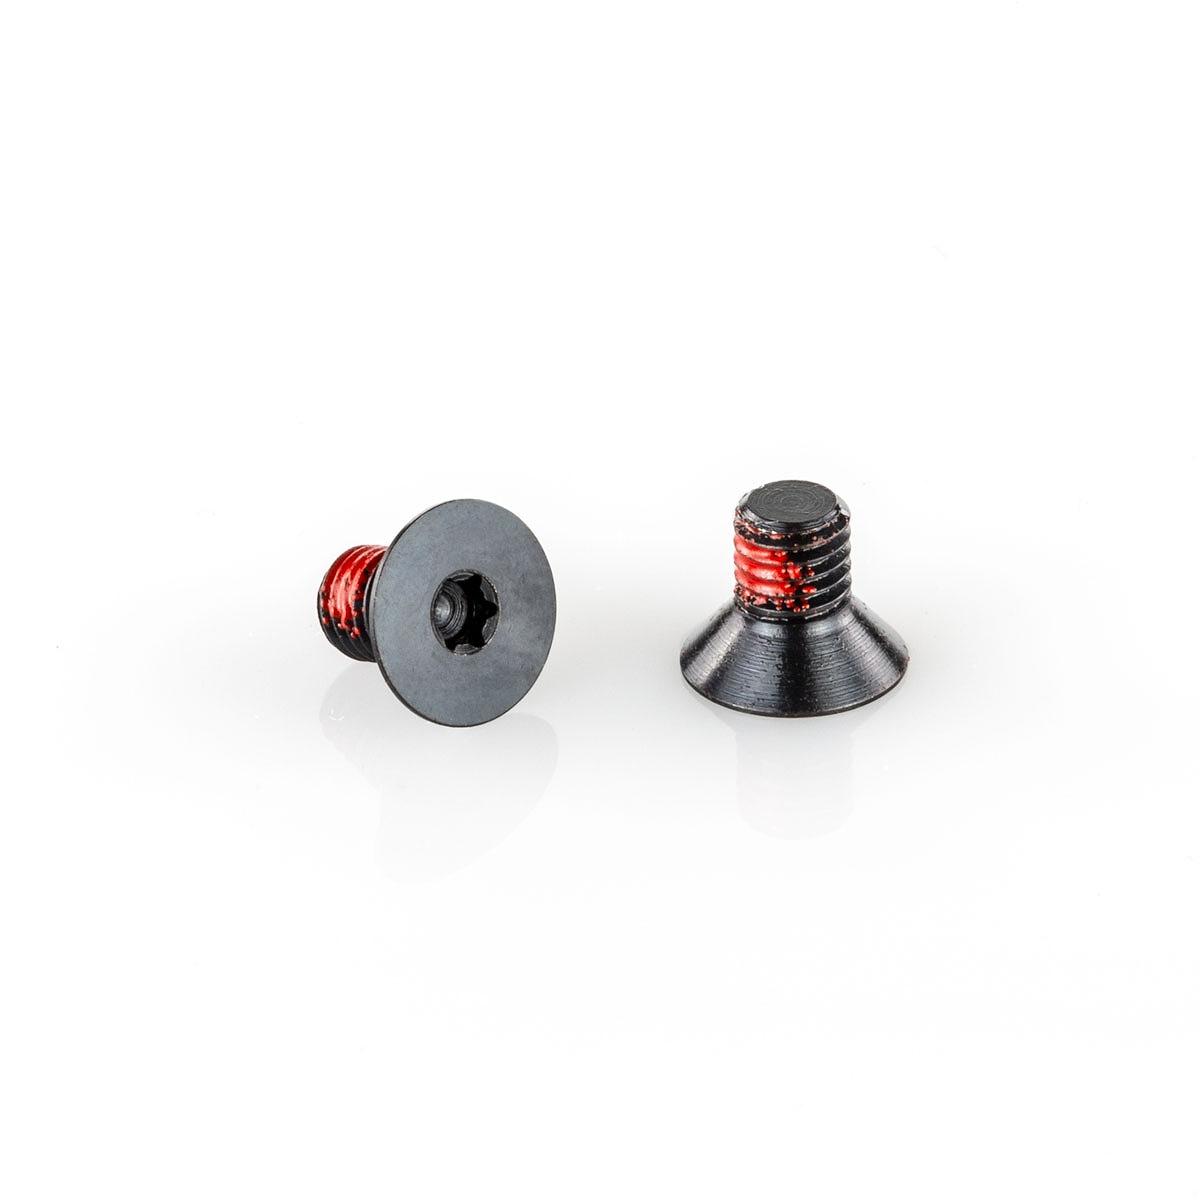 【お届け予定日: 5月30日】スカラーワークス Sync Screws Sync 01/02 (C-screws) SCALARWORKS